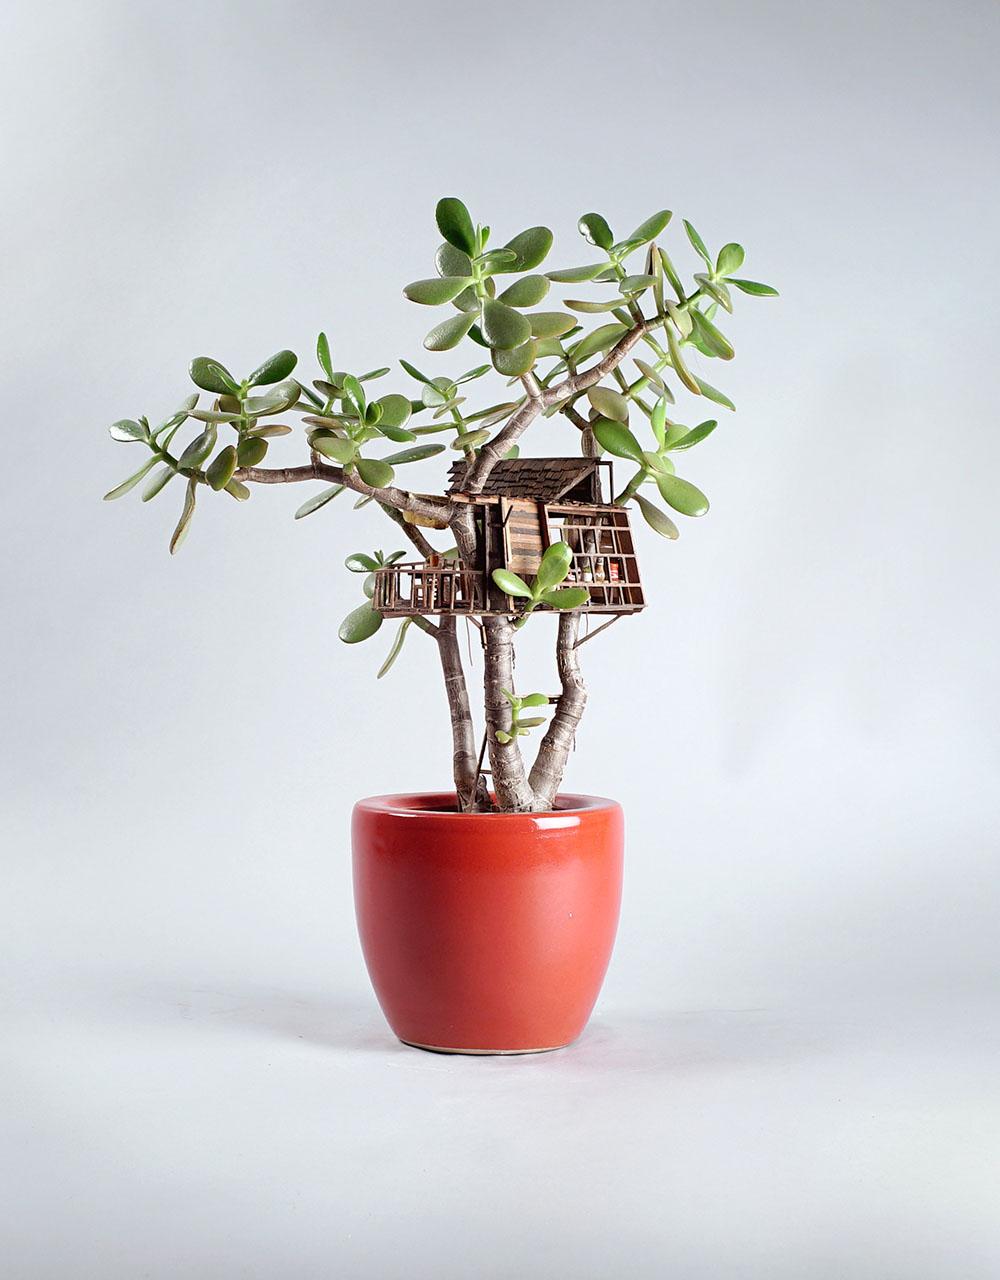 幻想一間只屬於自己的浪漫樹屋... Jedediah 製作的每一間屋子都有屬於自己獨特的模樣和特點!